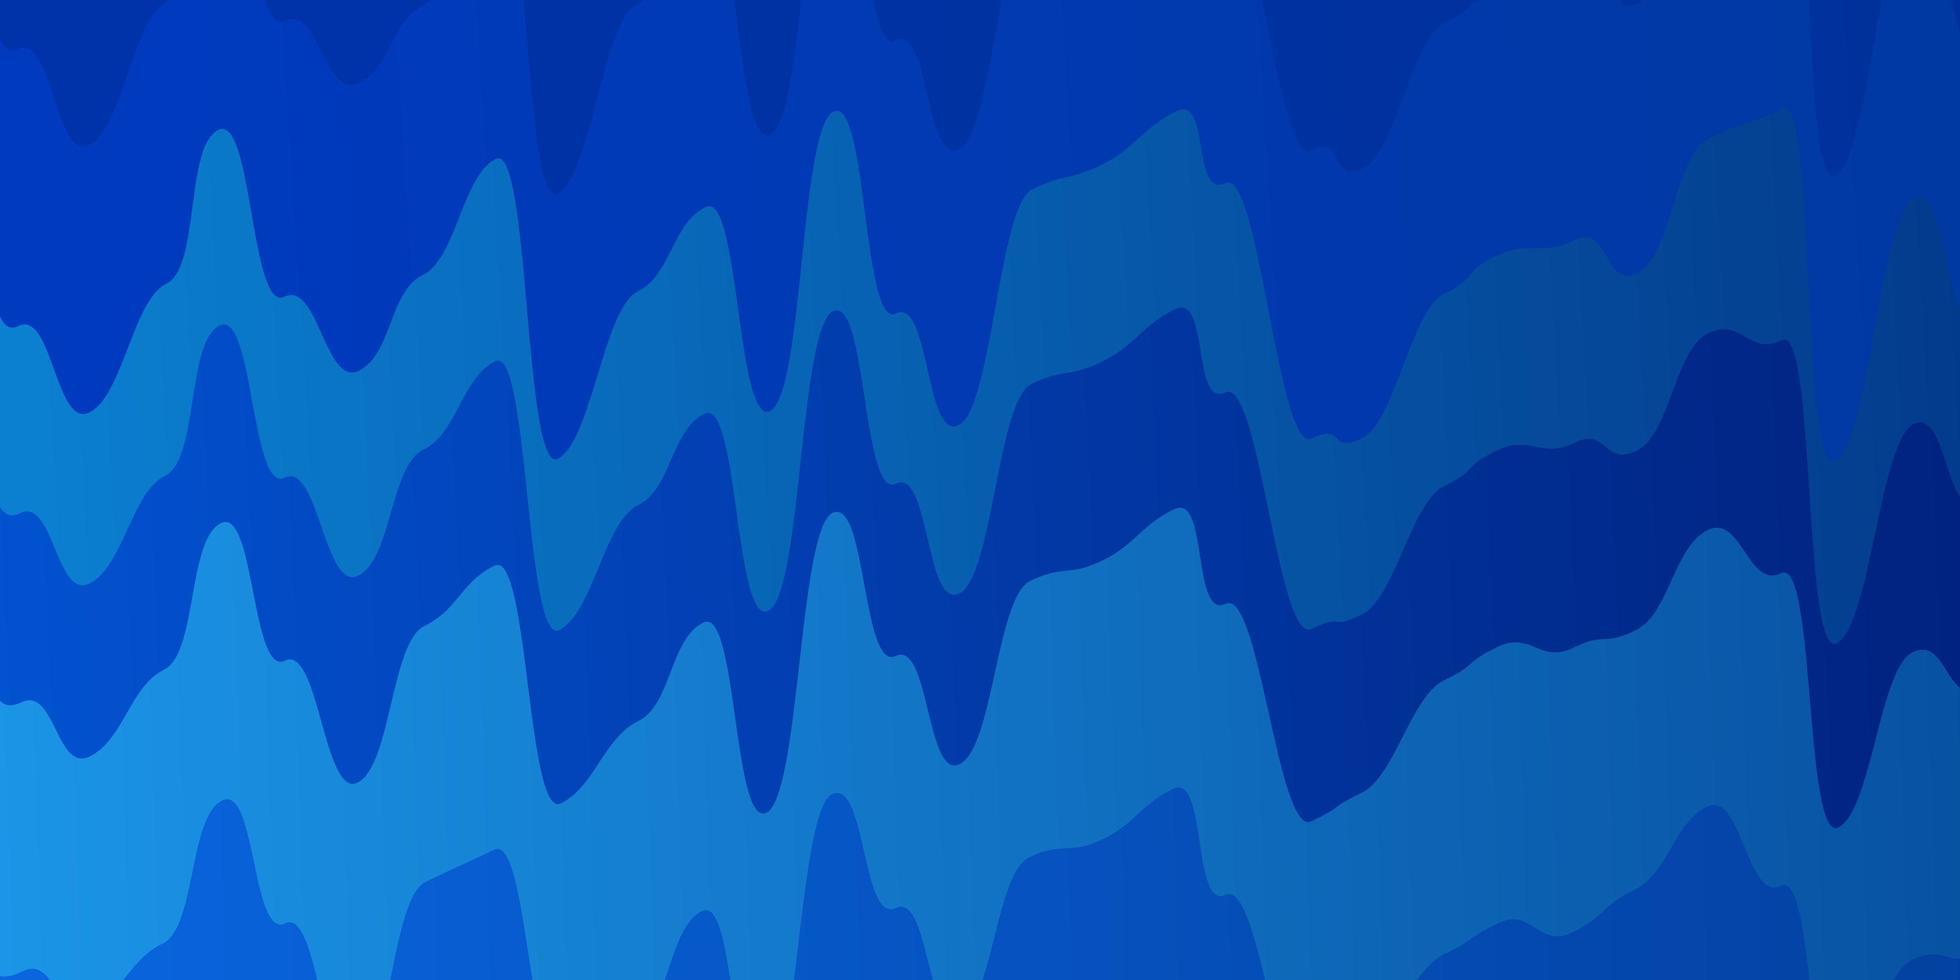 texture de vecteur bleu clair avec des lignes ironiques.